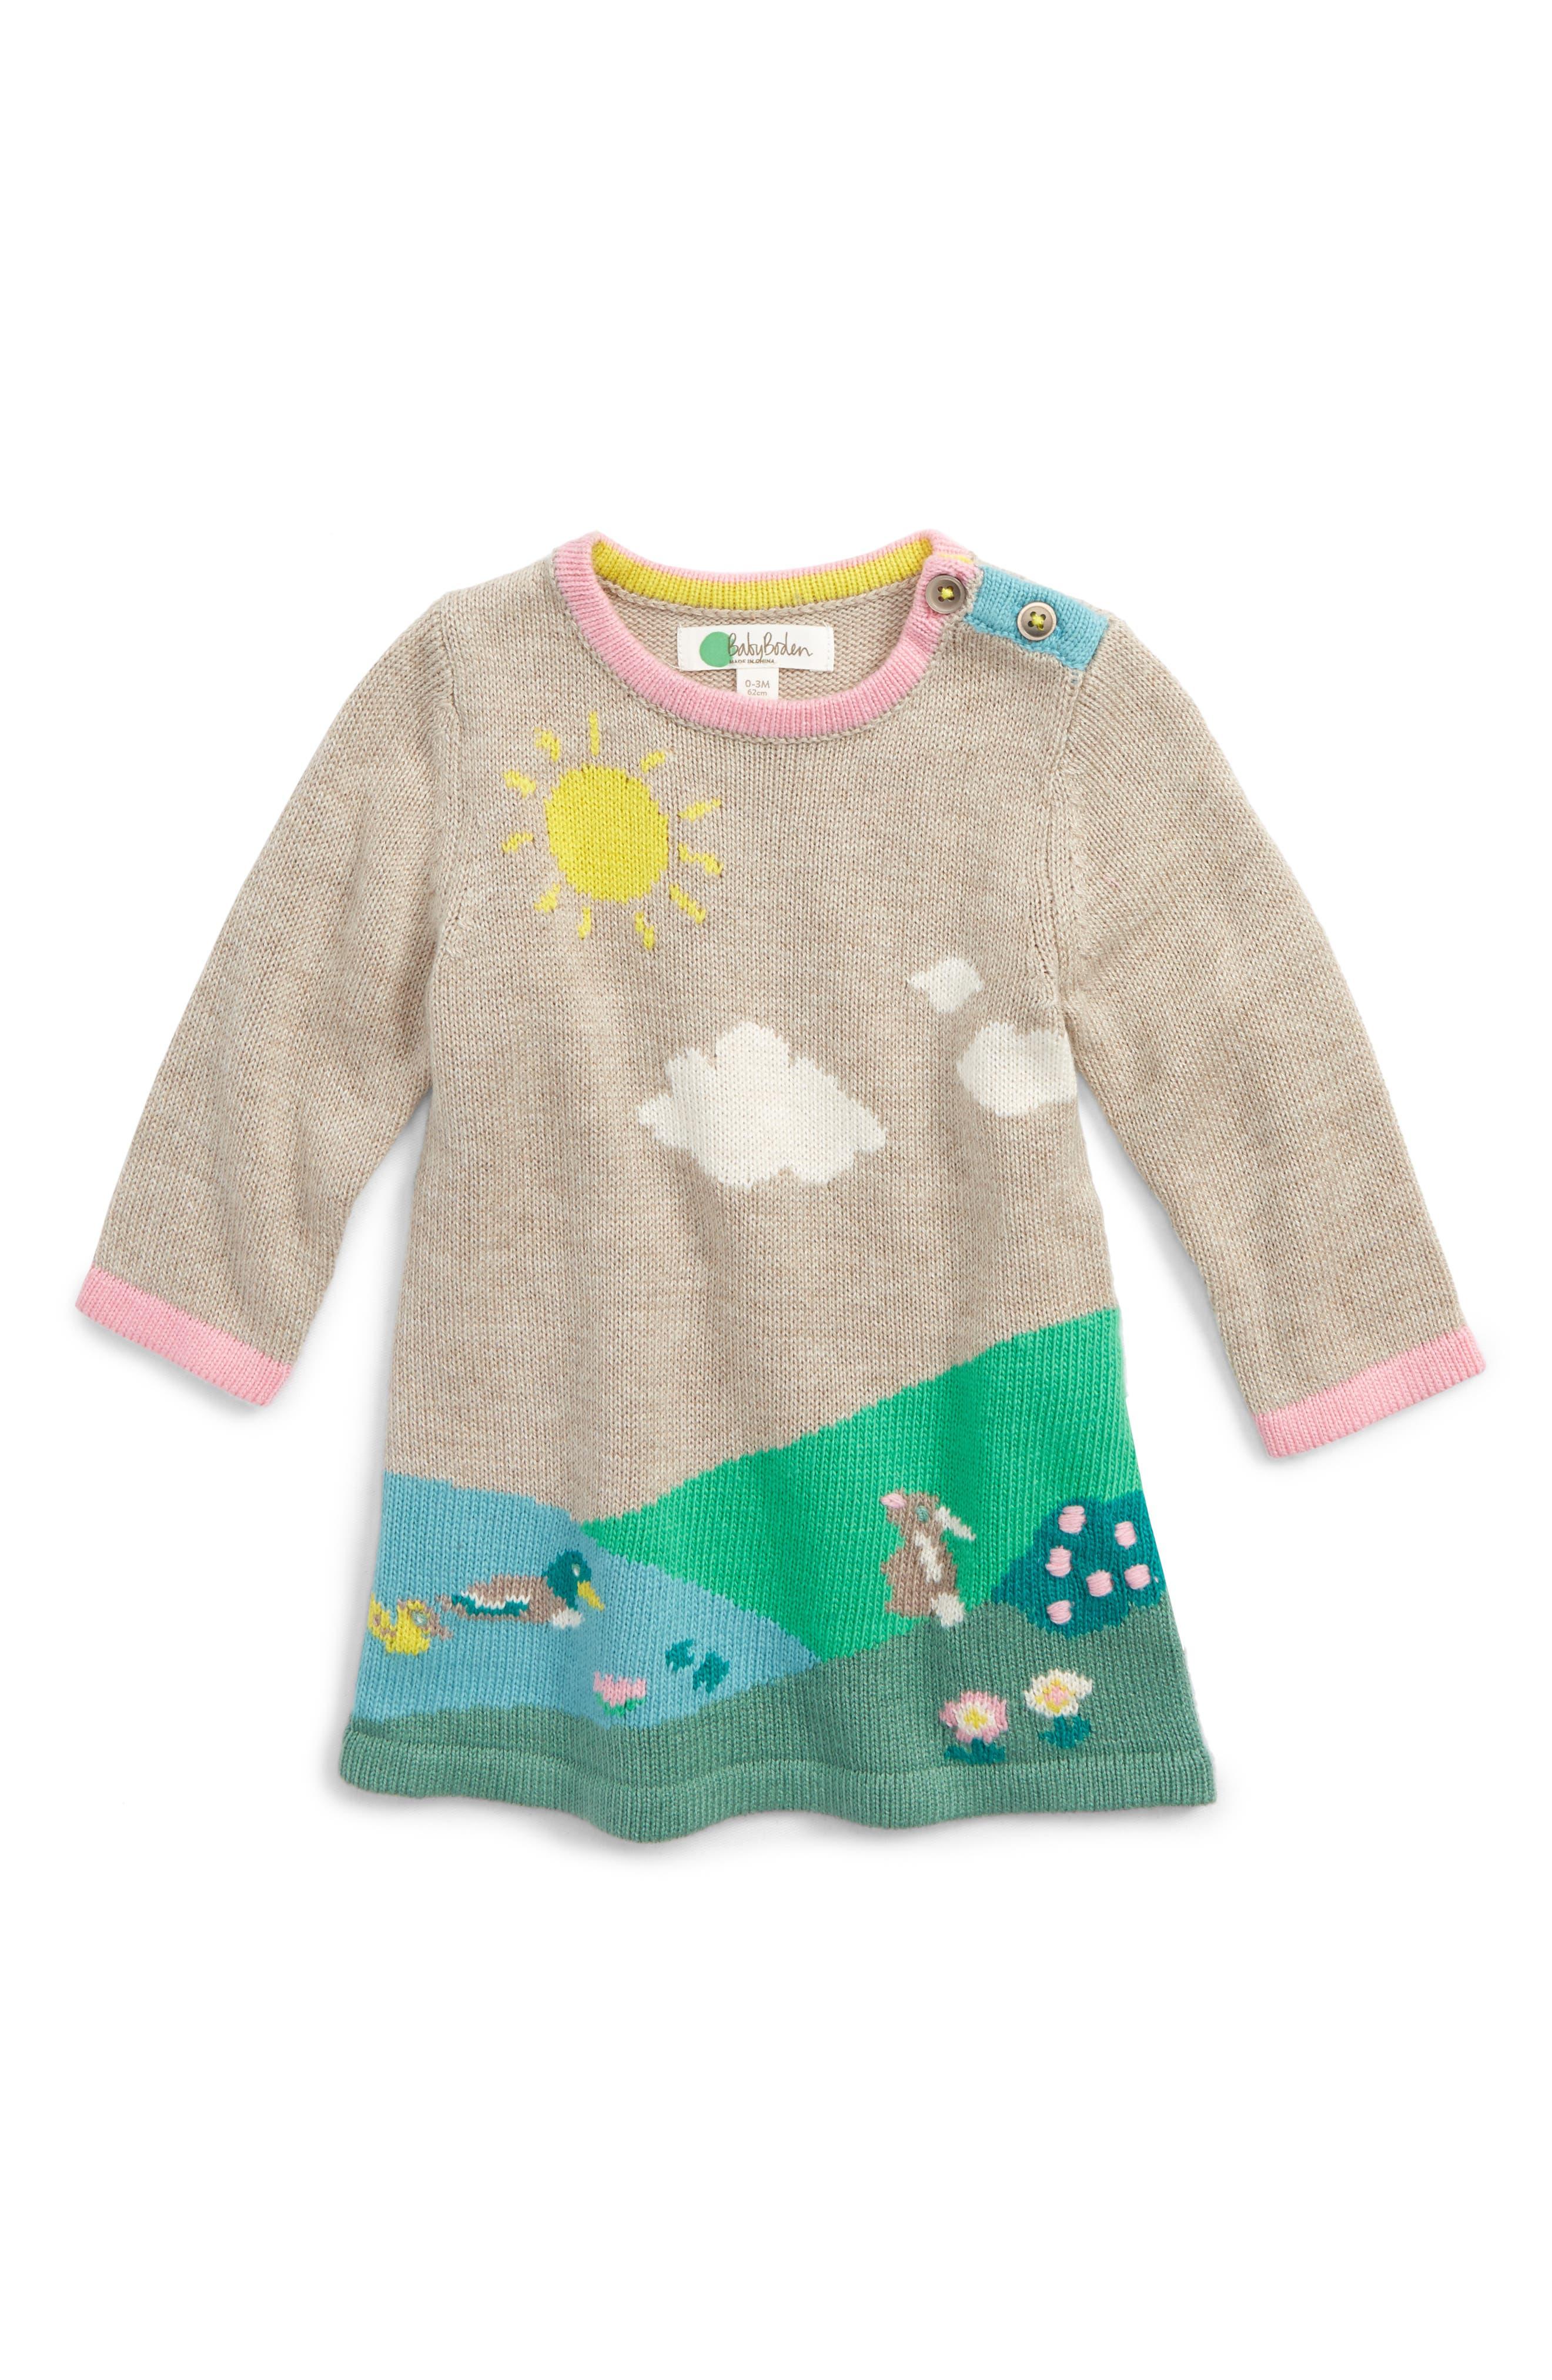 River Bank Intarsia Knit Dress,                             Main thumbnail 1, color,                             Oatmeal Marl Riverside